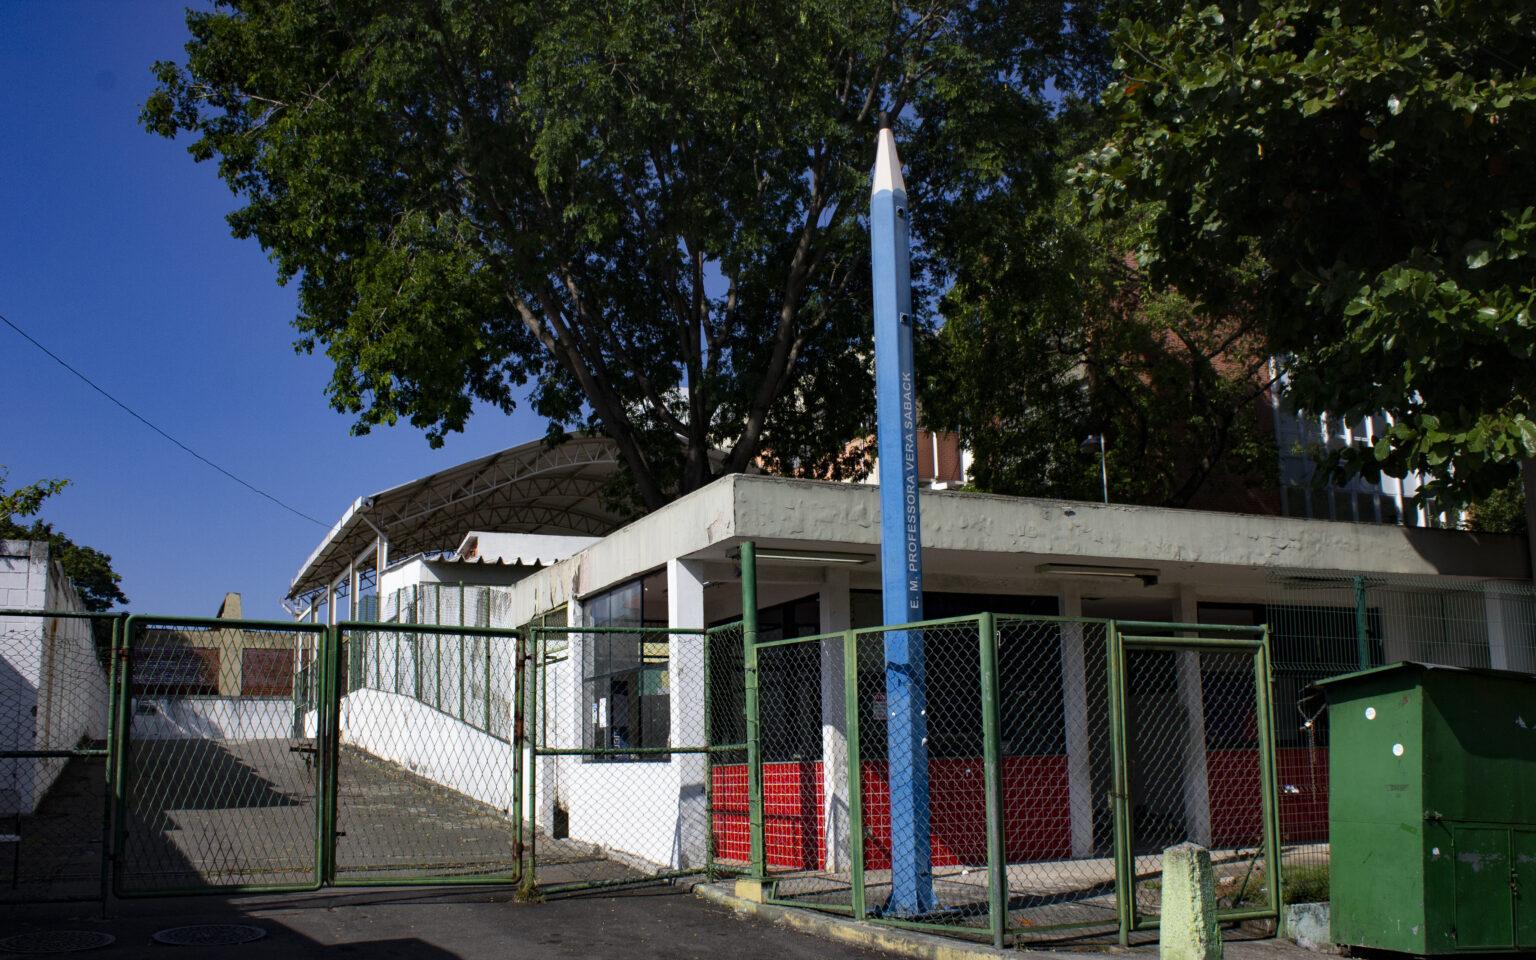 Pela sétima vez, escola no Alemão fica sem energia elétrica após furto de fios